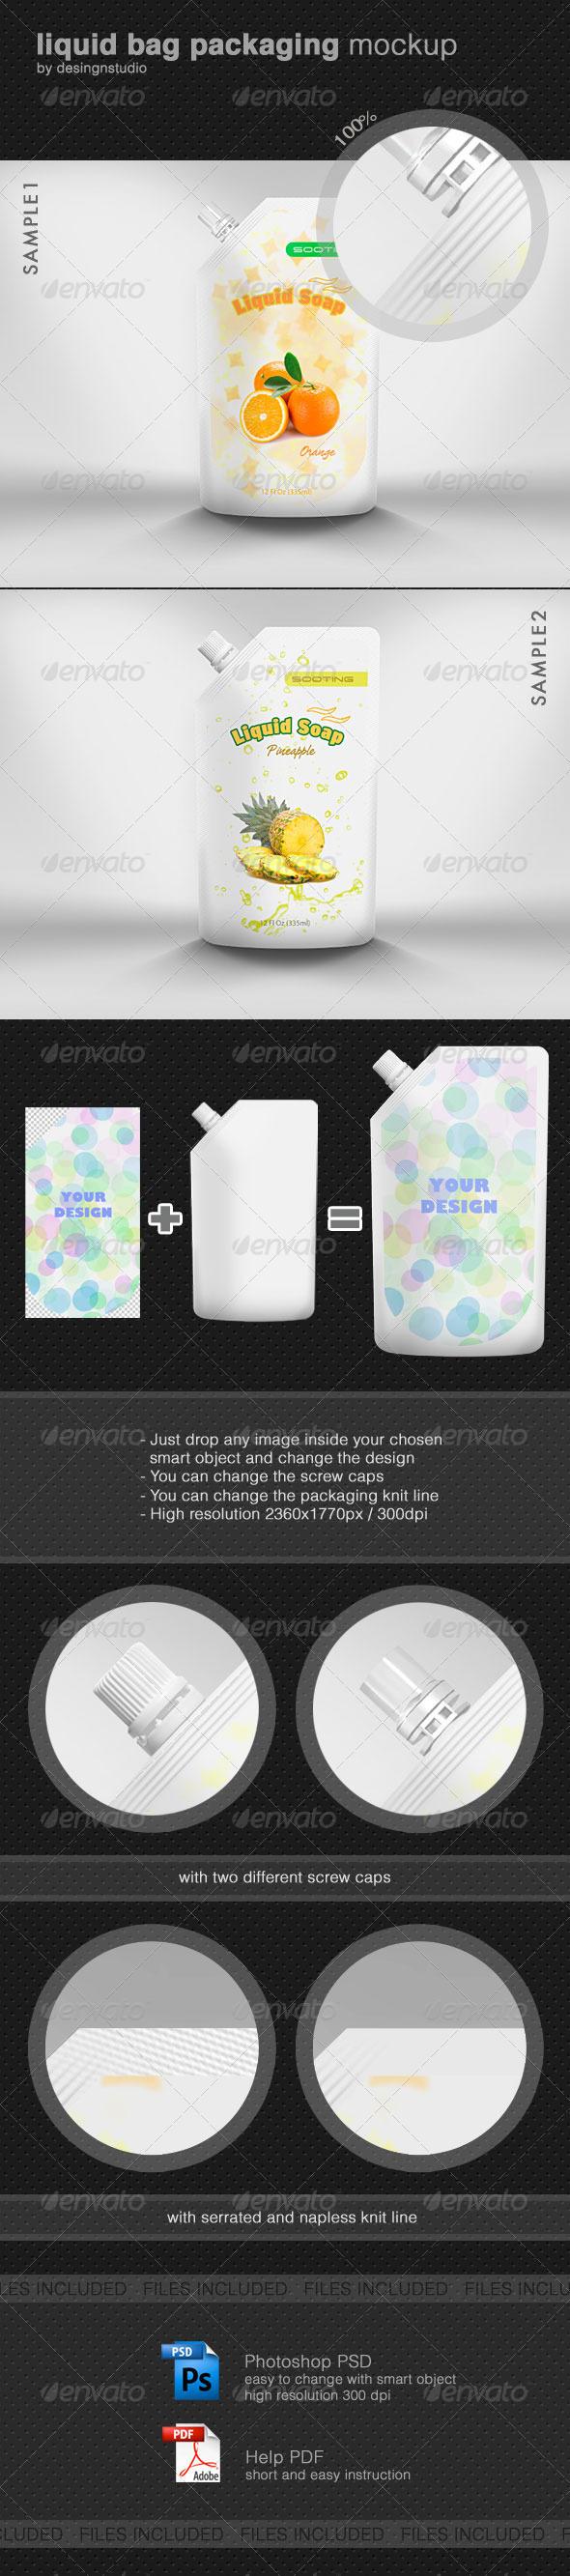 Liquid Bag Packaging Mock-Up - Food and Drink Packaging